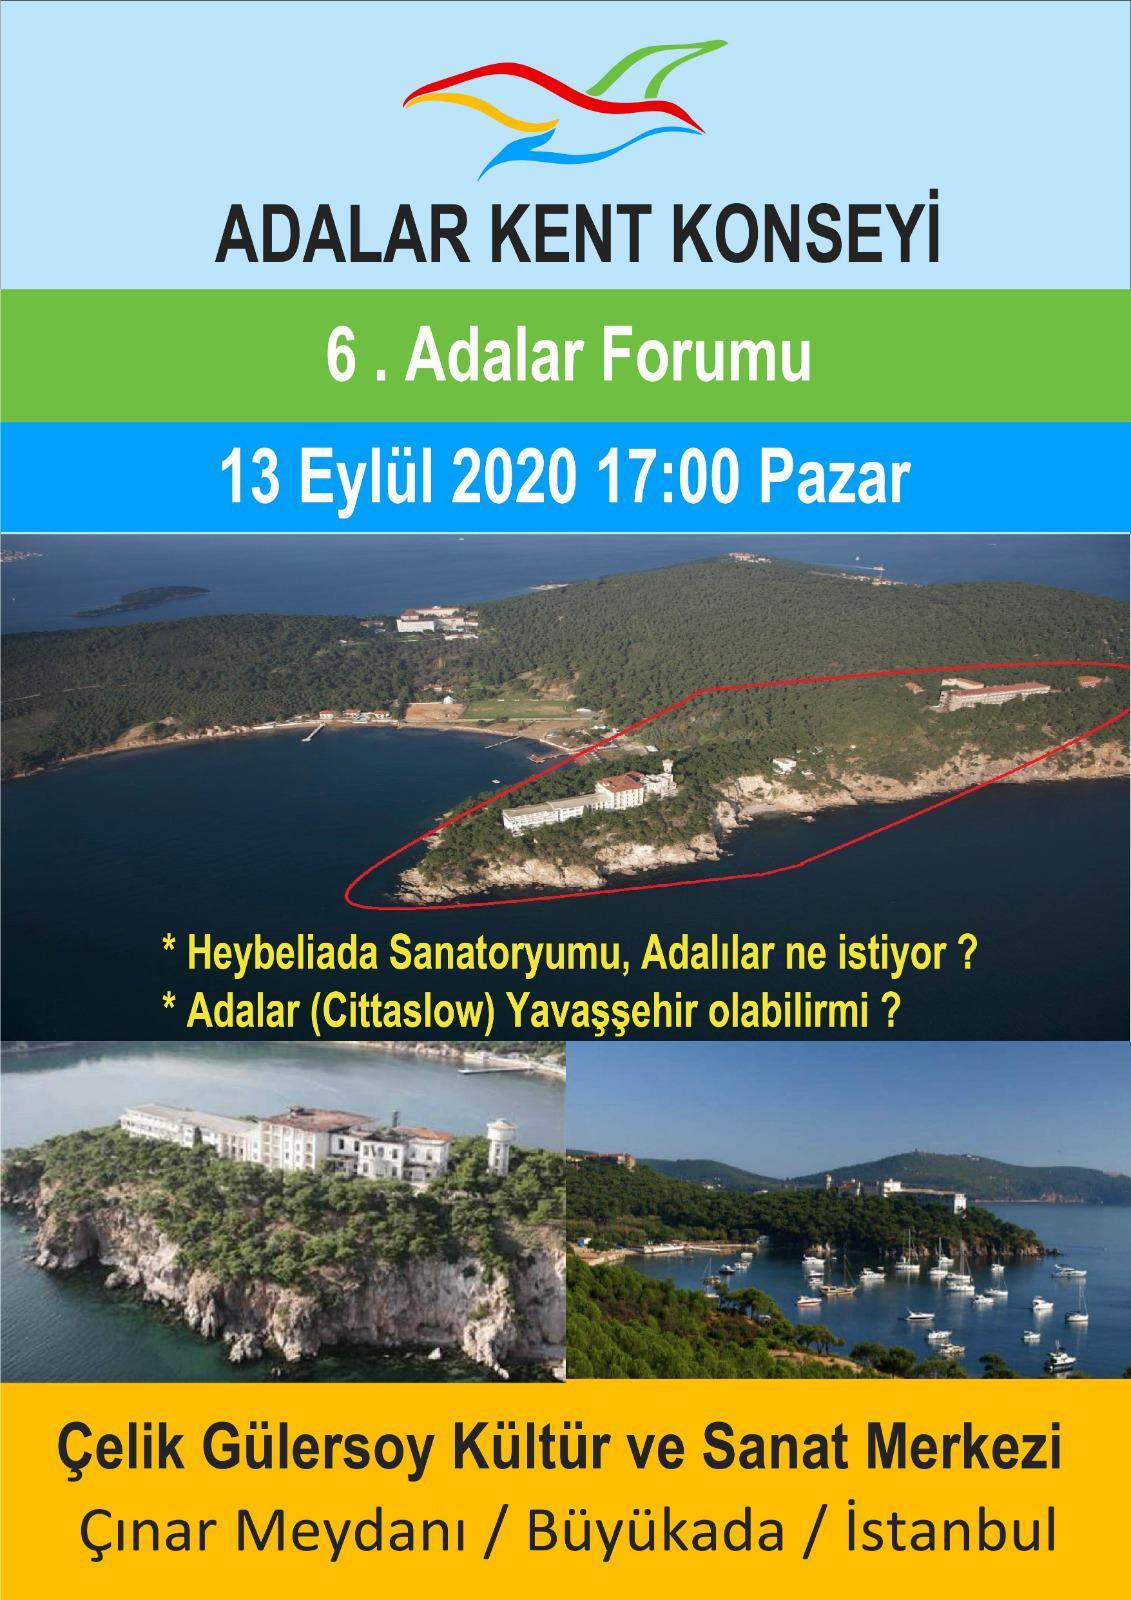 Adalar 6.Forum Toplantısı 13 Eylül 2020 Pazar günü de yapılacak